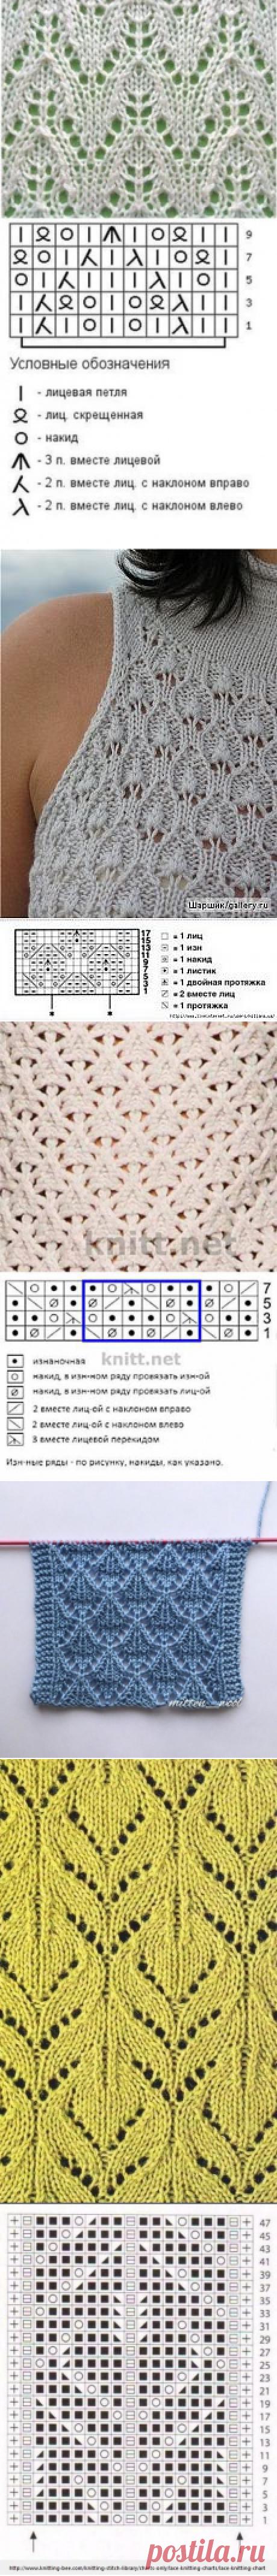 (1389) Pinterest